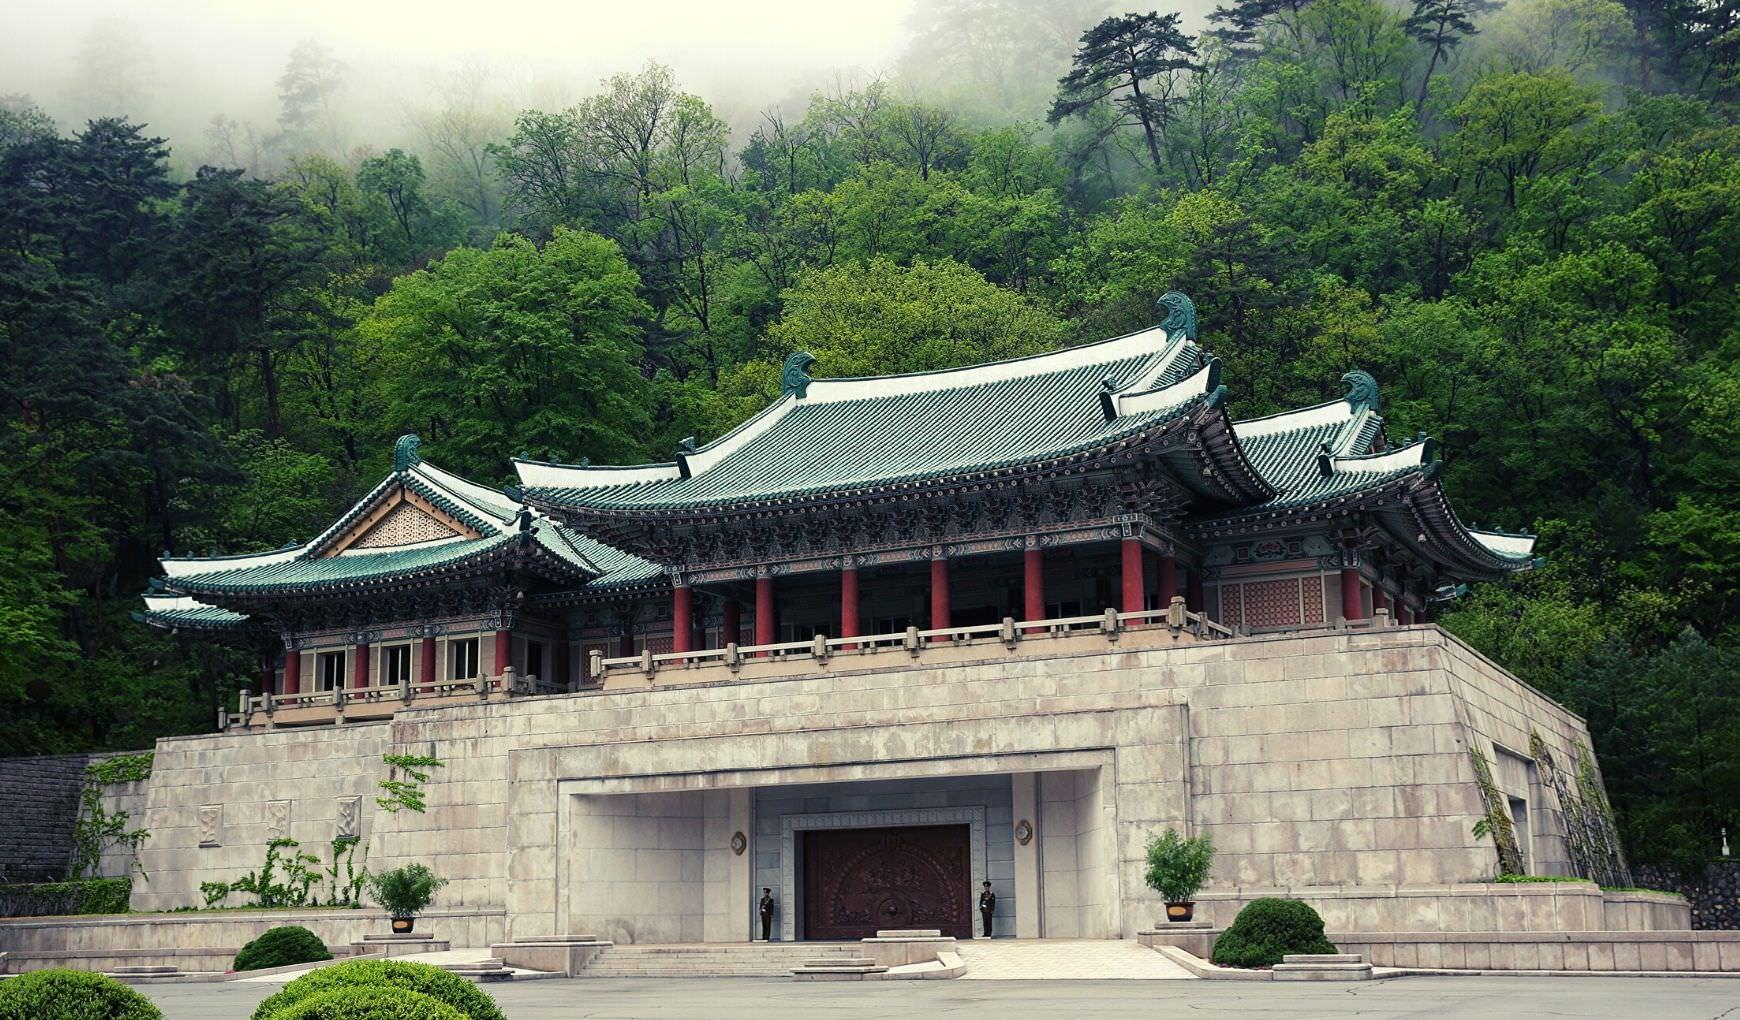 Centro Internacional de Exposiciones de la Amistad en el Monte Myohyang, un hermoso lugar de Corea del Norte, es decir, la RPDC. Viaje organizado por KTG Tours